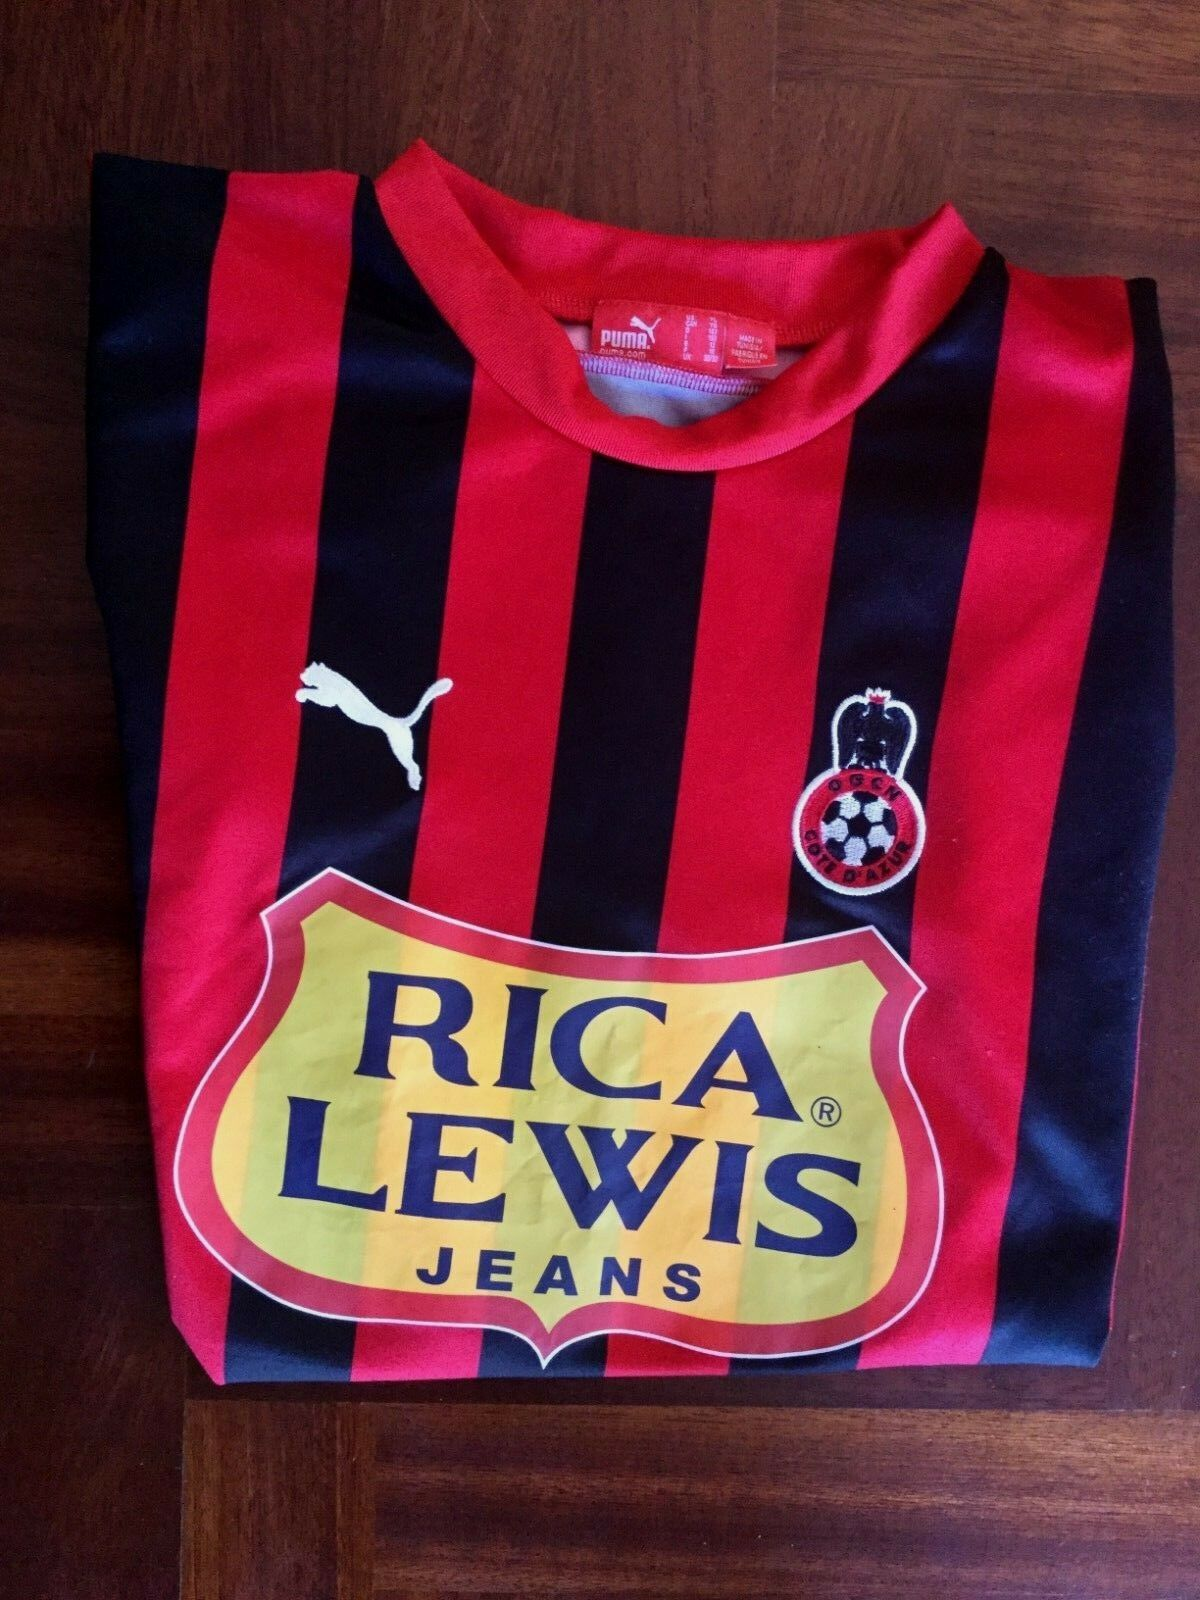 MAGLIA CALCIO PUMA OGC NICE RICA LEWIS JEANS 2007 FOOTBALL SHIRT YOUNG 11 12 YRS